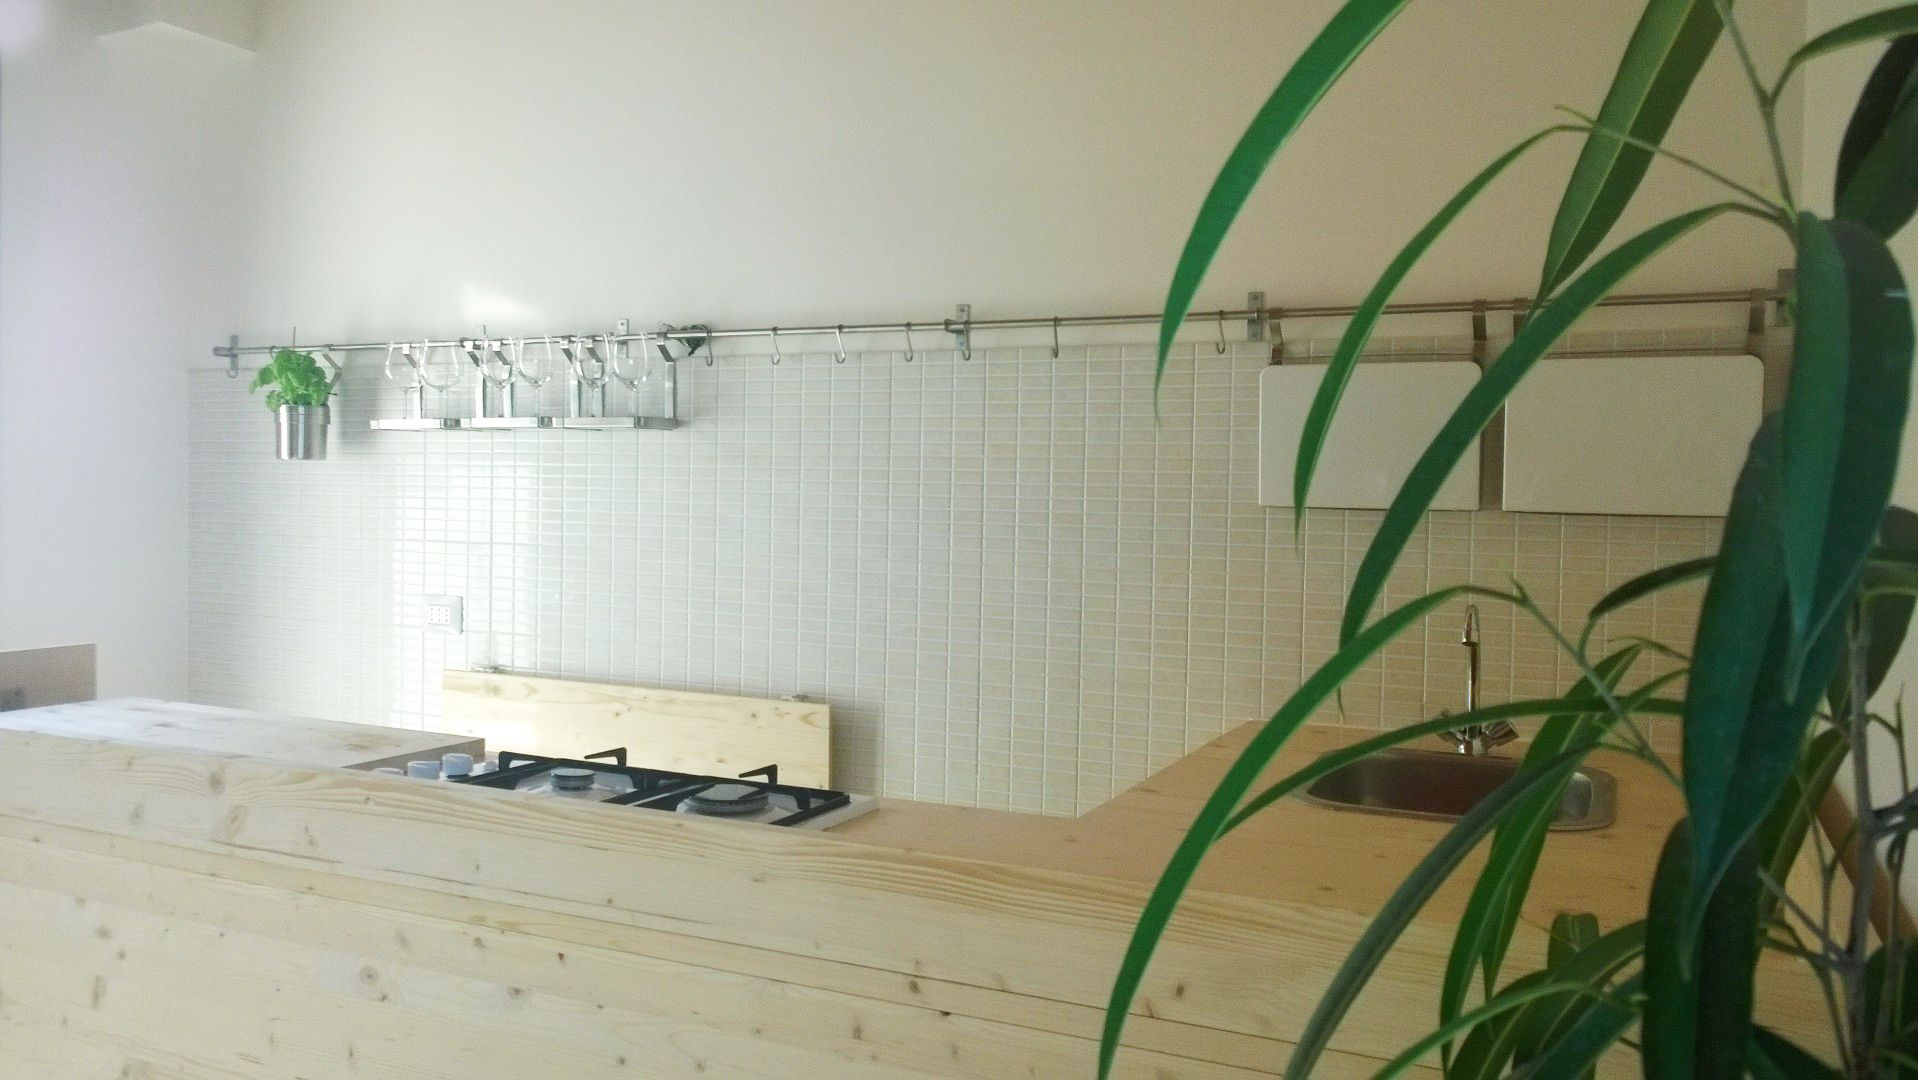 Cucina economica a penisola in abete lamellare. Laboratorio 23 Luglio.